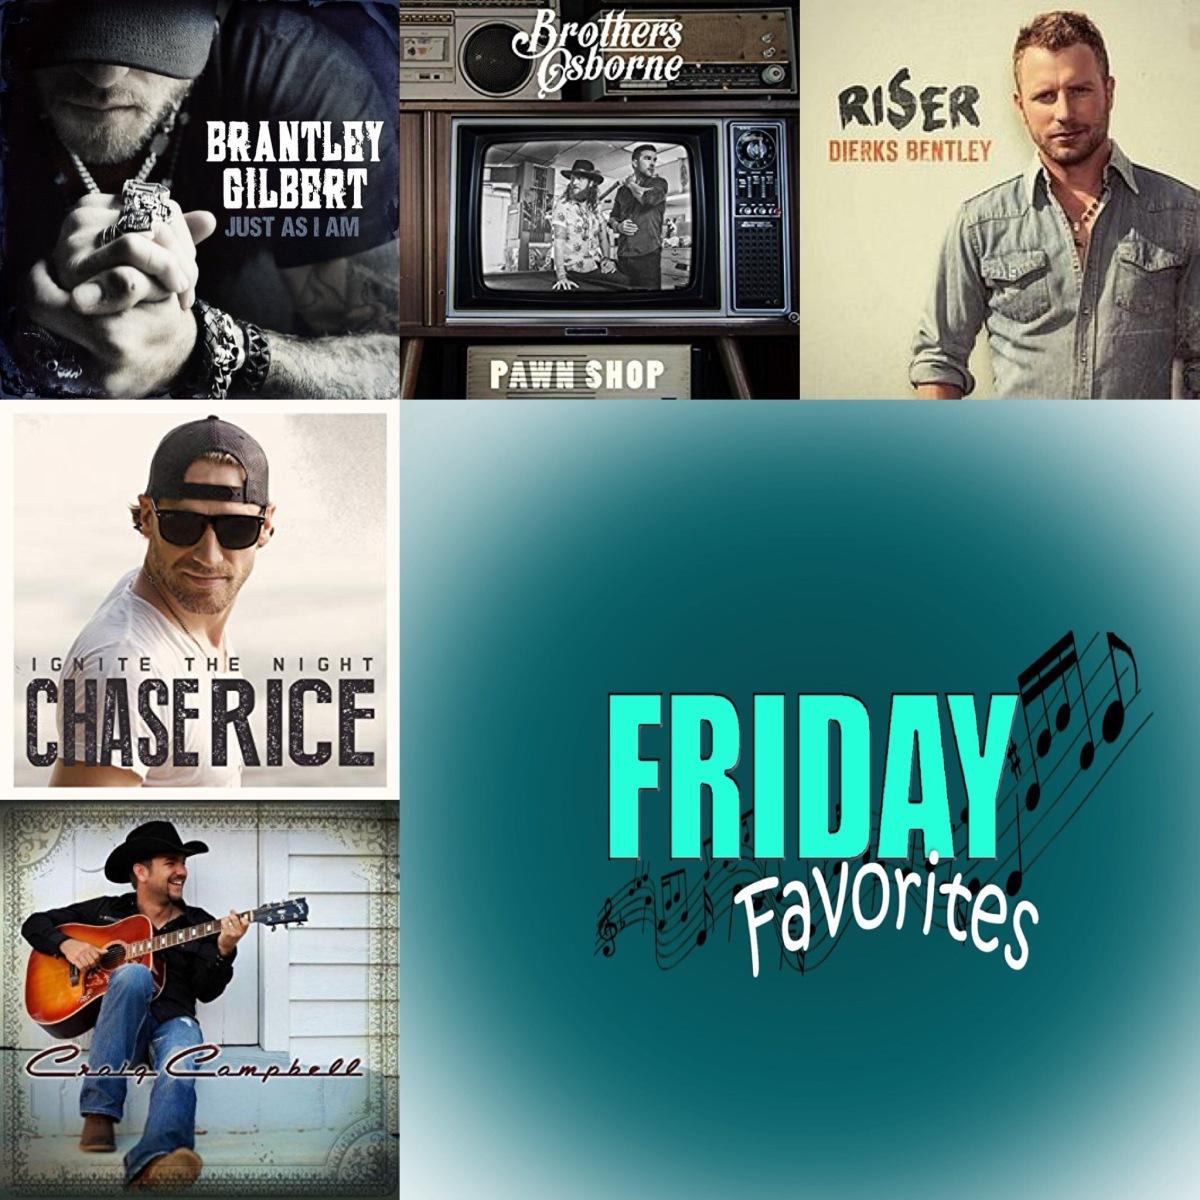 Friday Favorites Week 13